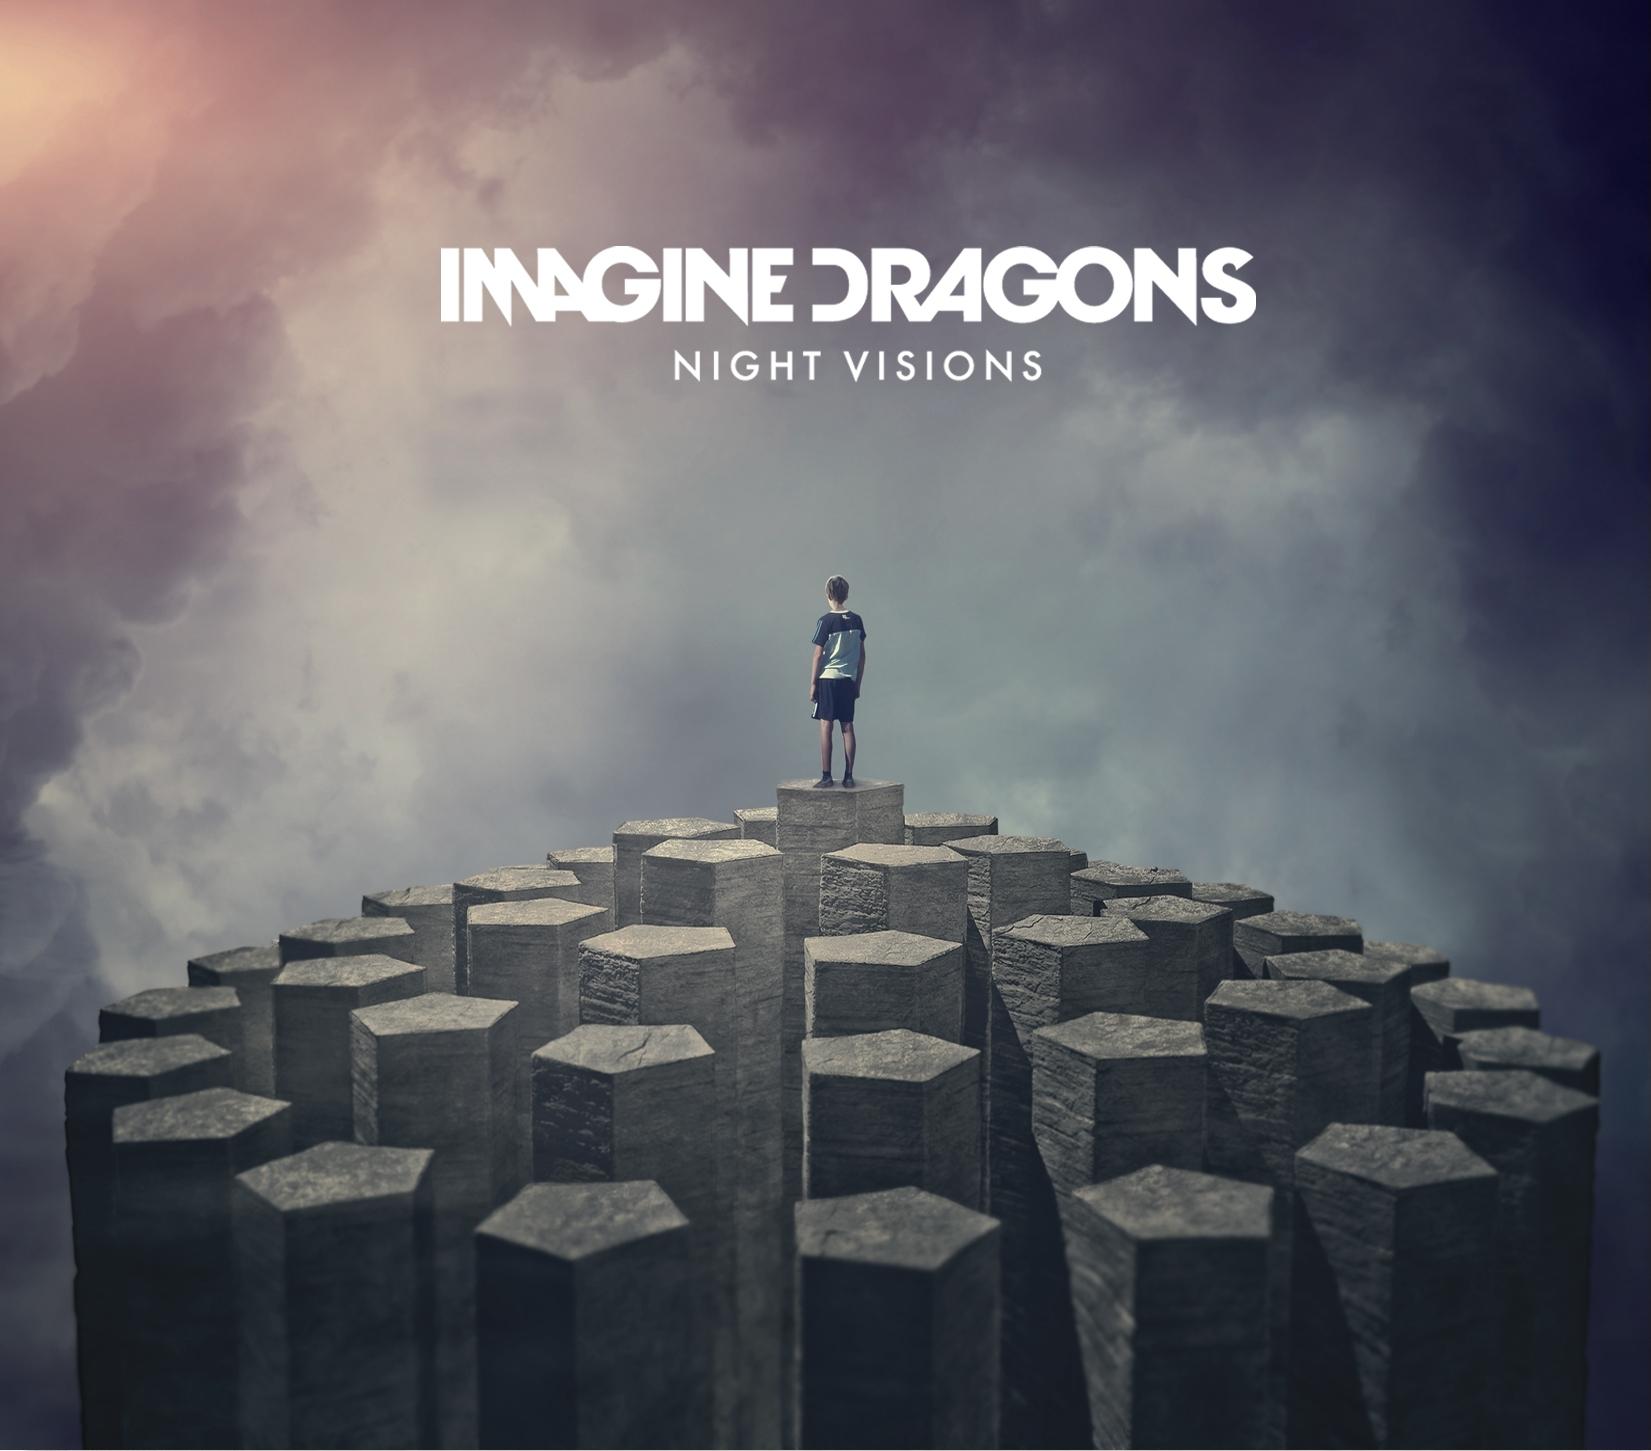 Imagine Dragons, Night Visions album cover